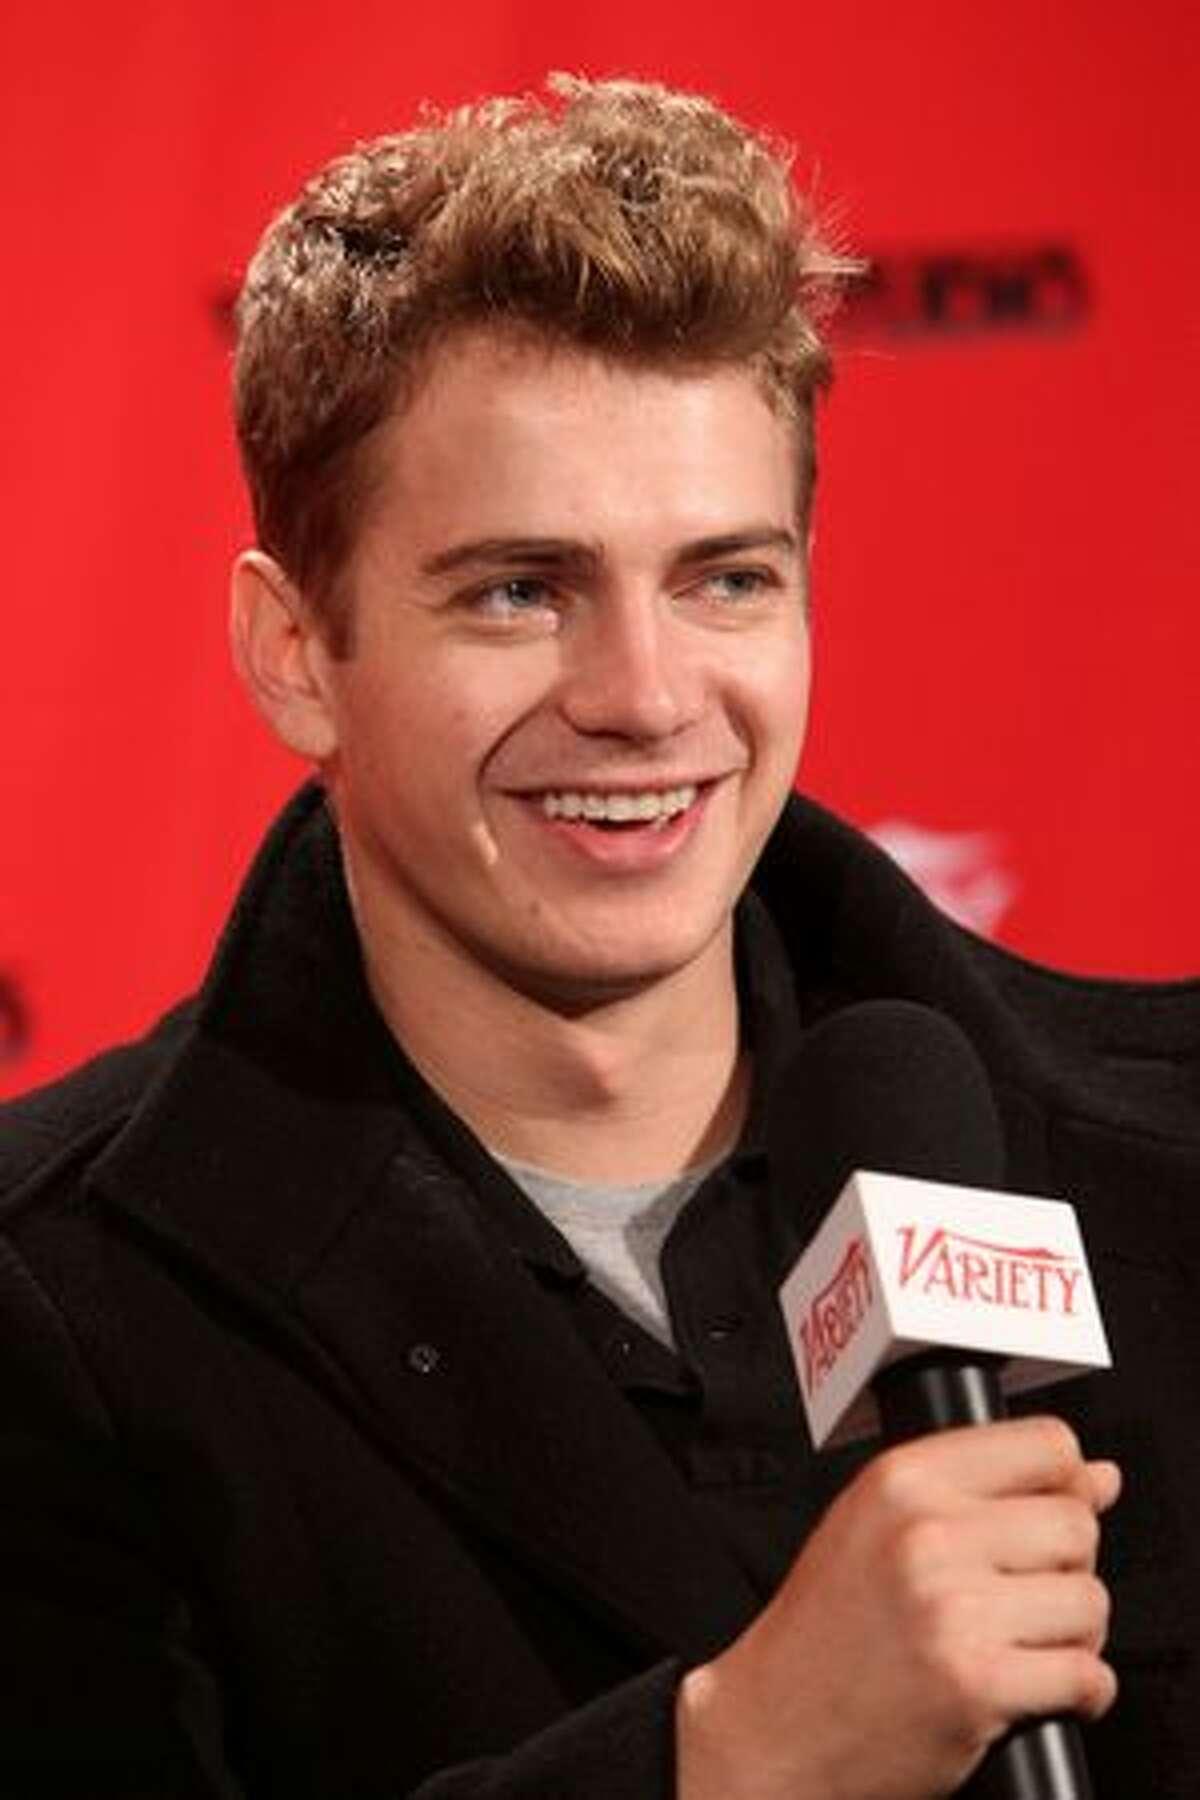 Actor Hayden Christensen attends the The Variety Studio At Holt Renfrew Day 4 held at Holt Renfrew, Toronto.